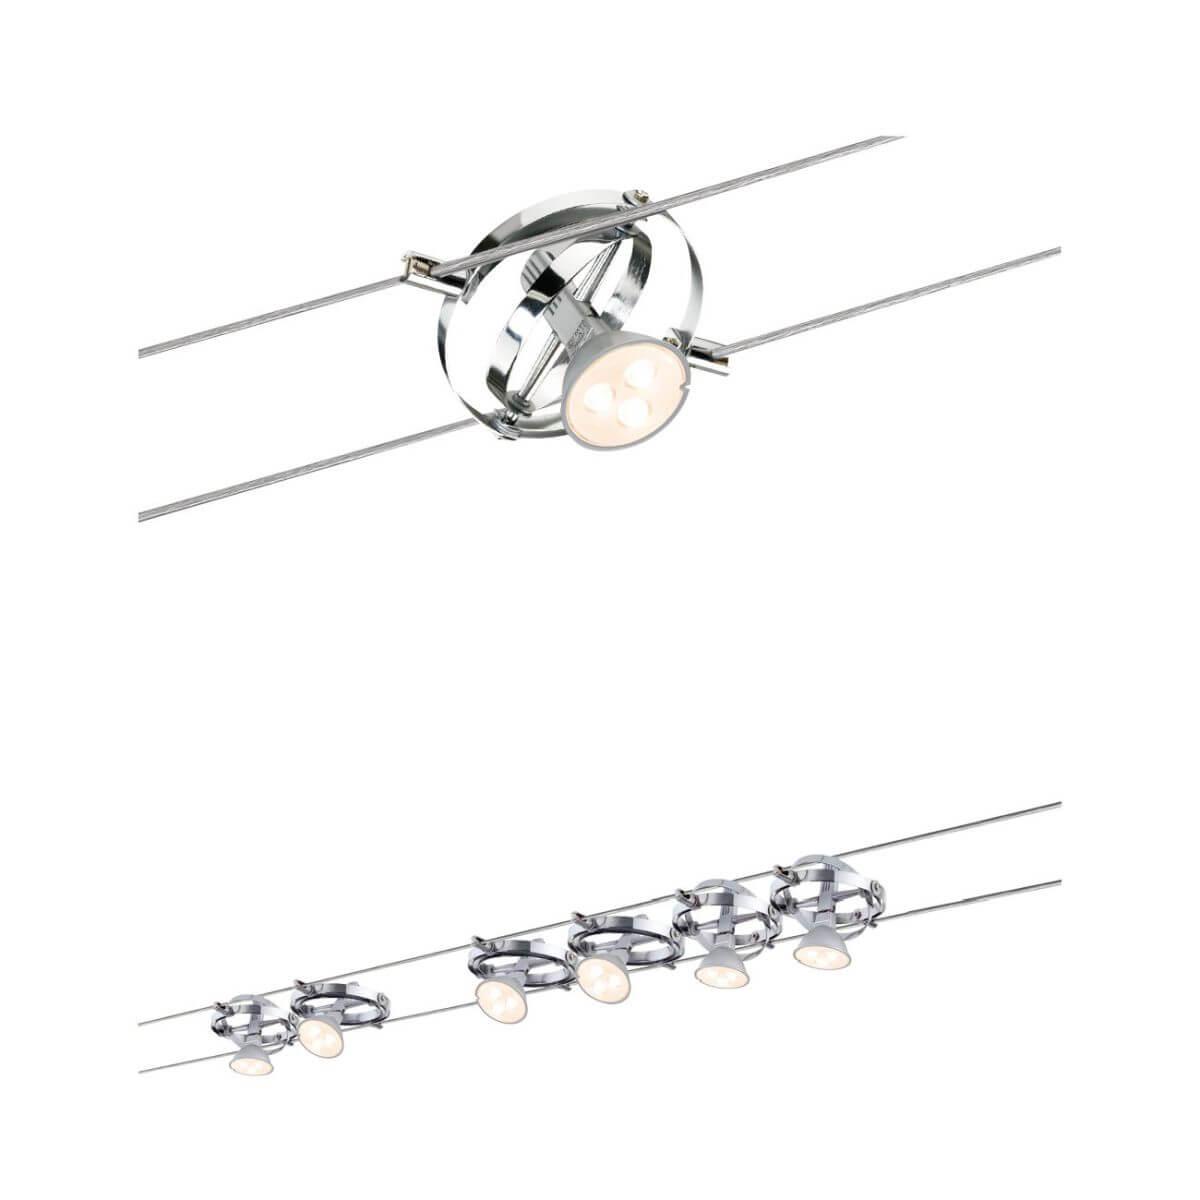 Paulmann LED Seil-Set, 6x4W, Cardan 230V, 12V, Chrom oder Chrom matt